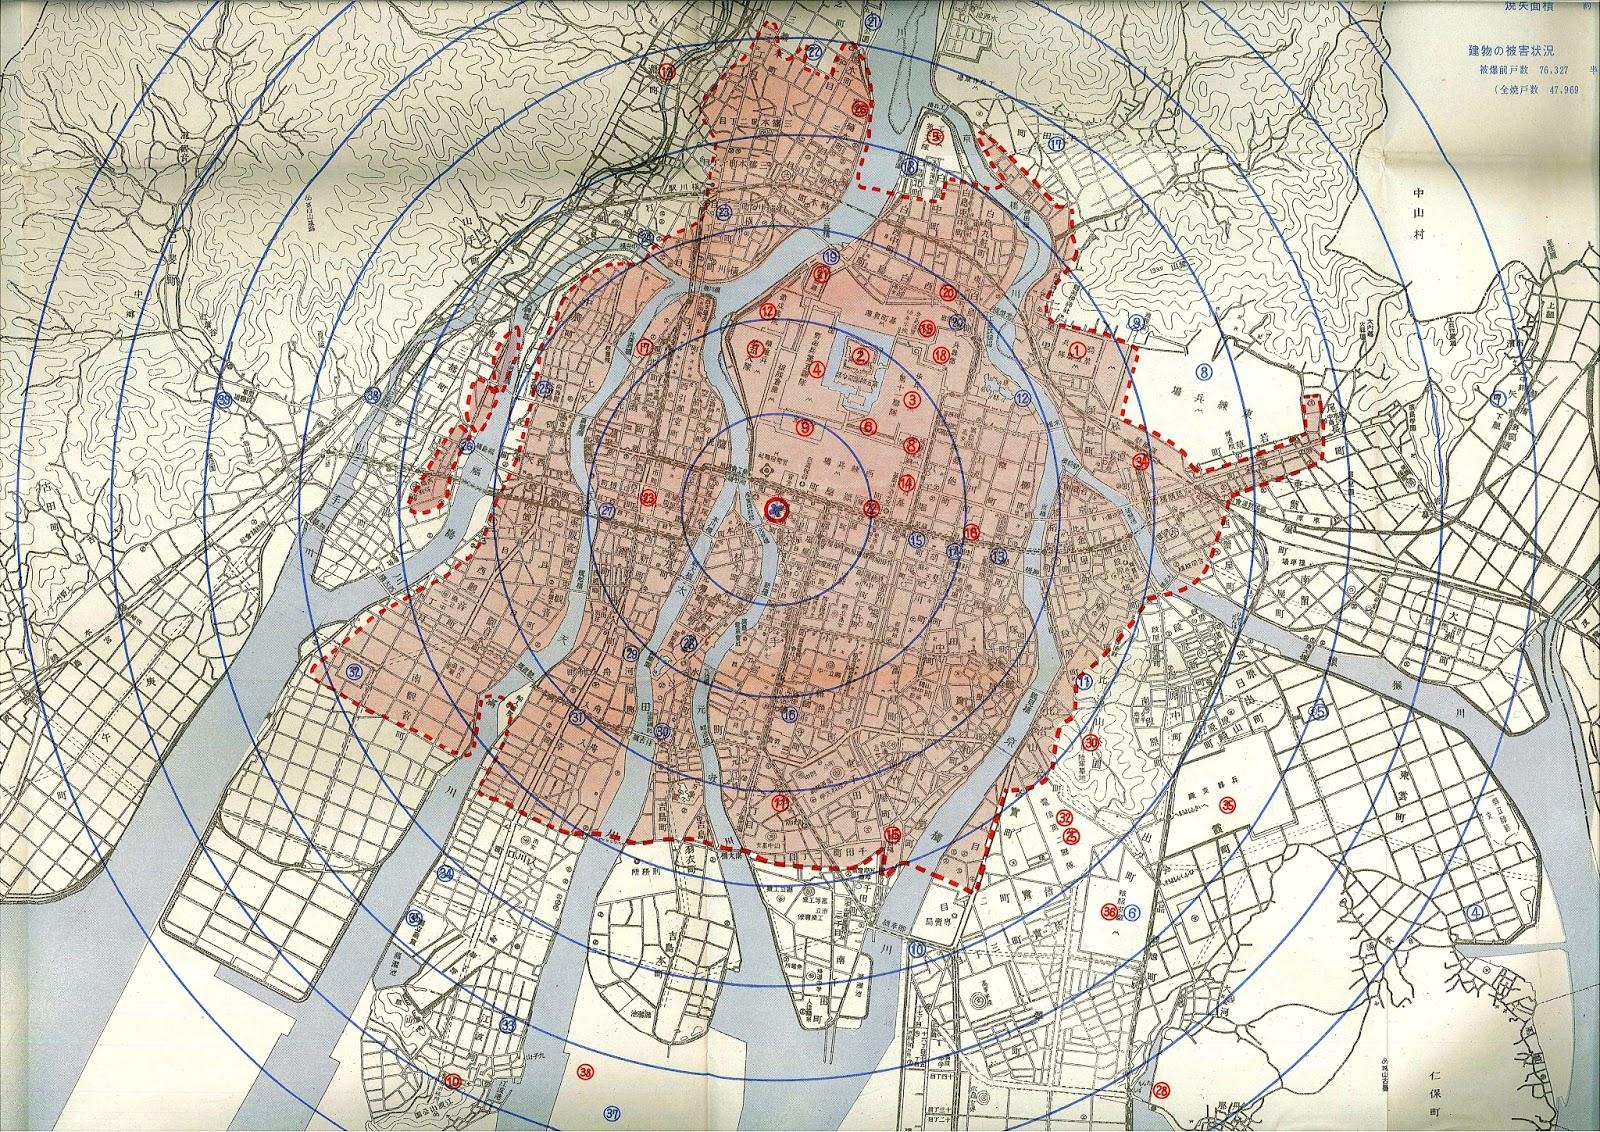 1km, 1.5km, 2.0km, 2.5km, 3.0km, 3.5km,  4.0kmの各500mの範囲の距離を示した。赤丸◯は軍隊諸部隊と青丸◯は救急救護所の配置である。(広島原爆医療史、1961年)